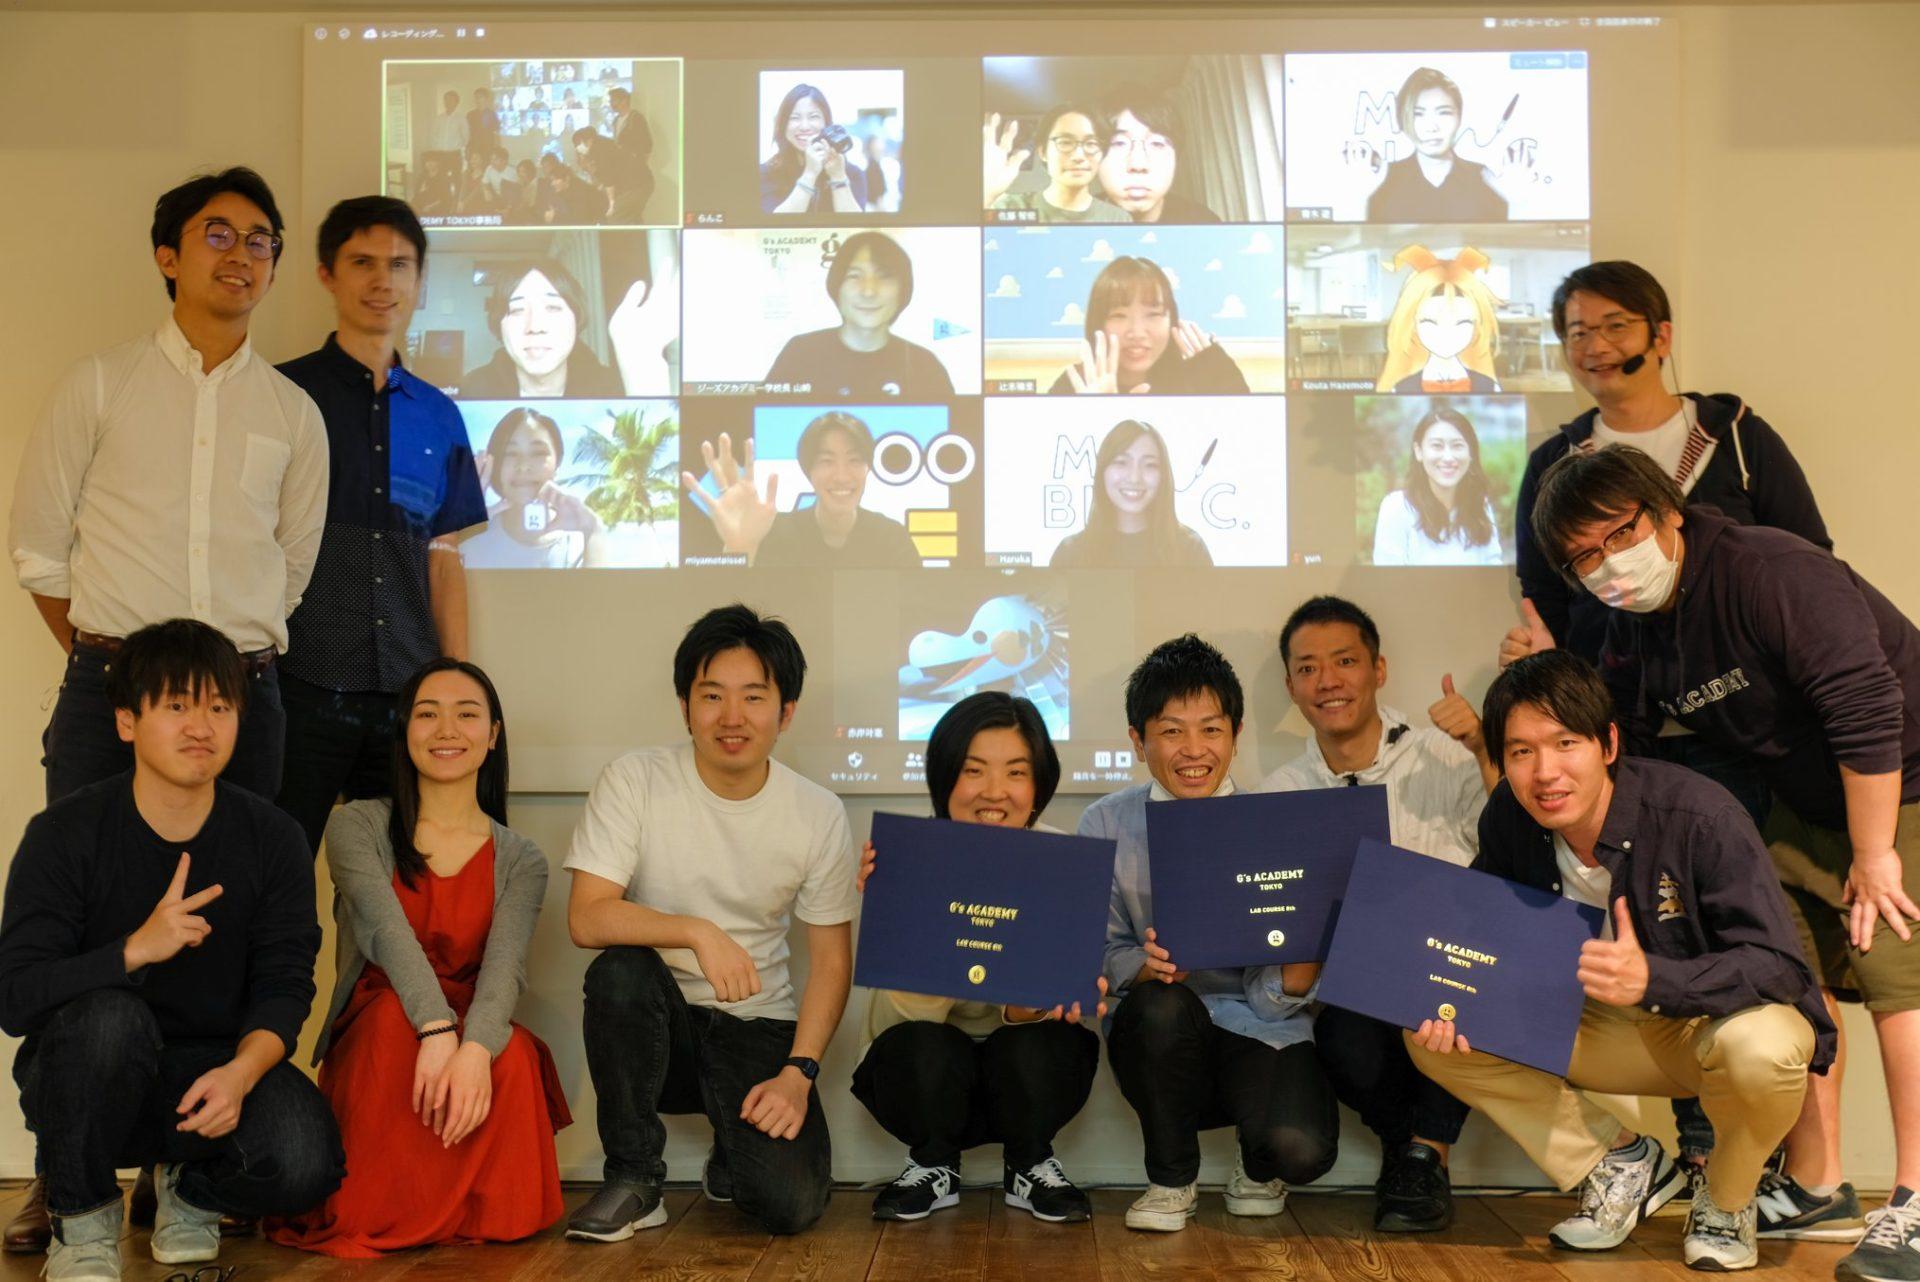 フルタイムLABコース8期生の卒業写真